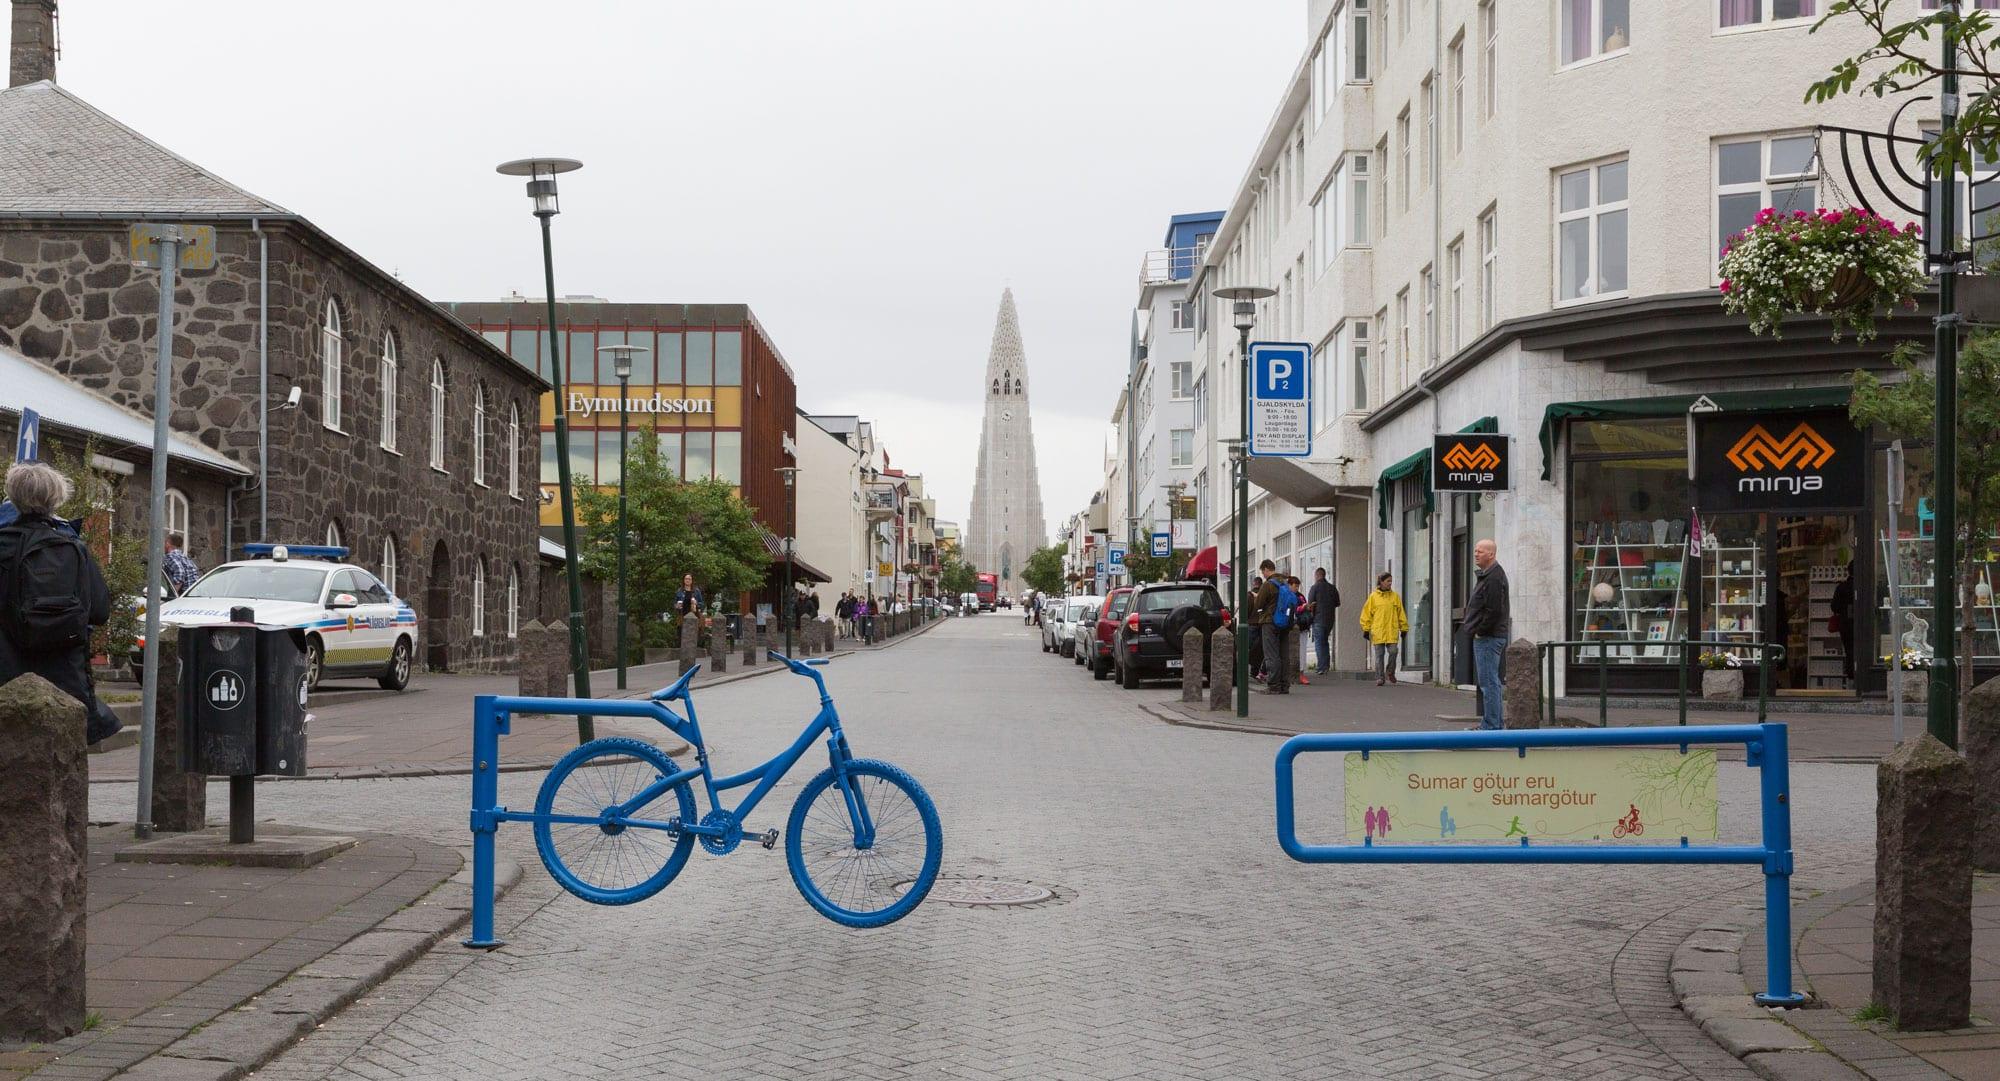 Reynir á að reka gistiheimili í Reykjavík: Eins og að skilja ósjálfbjarga börn eftir ein heima